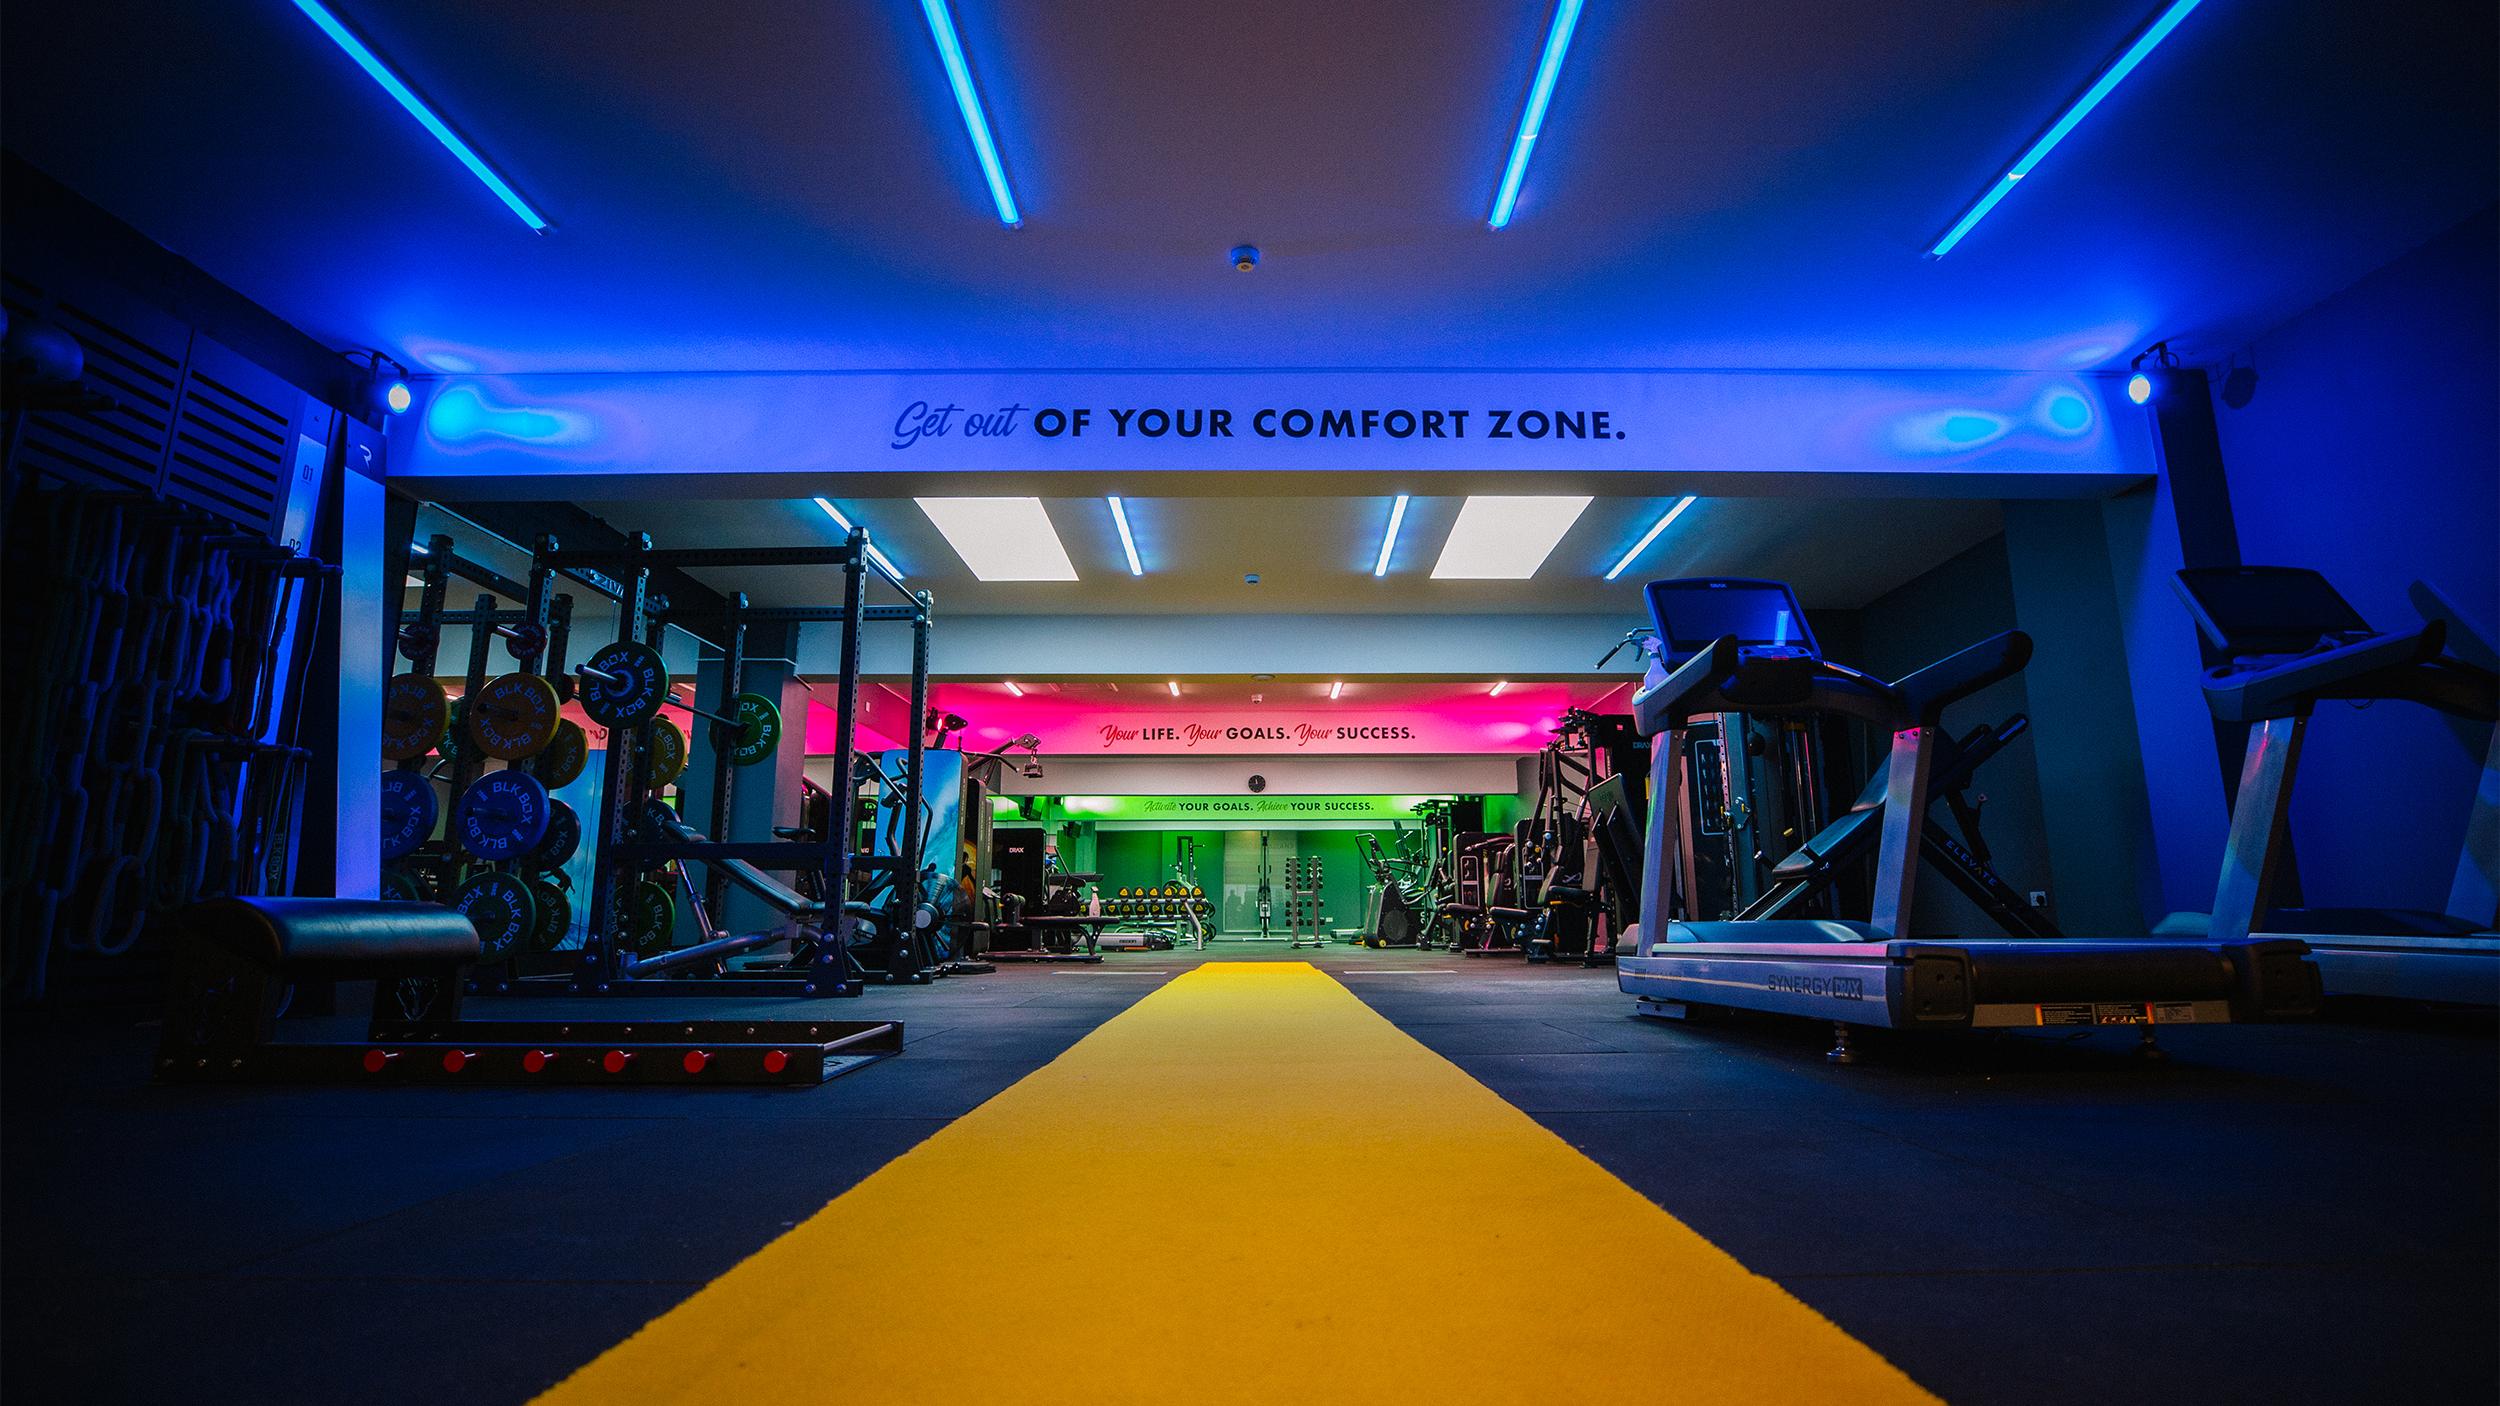 hub26 meet - club26 free gym membership